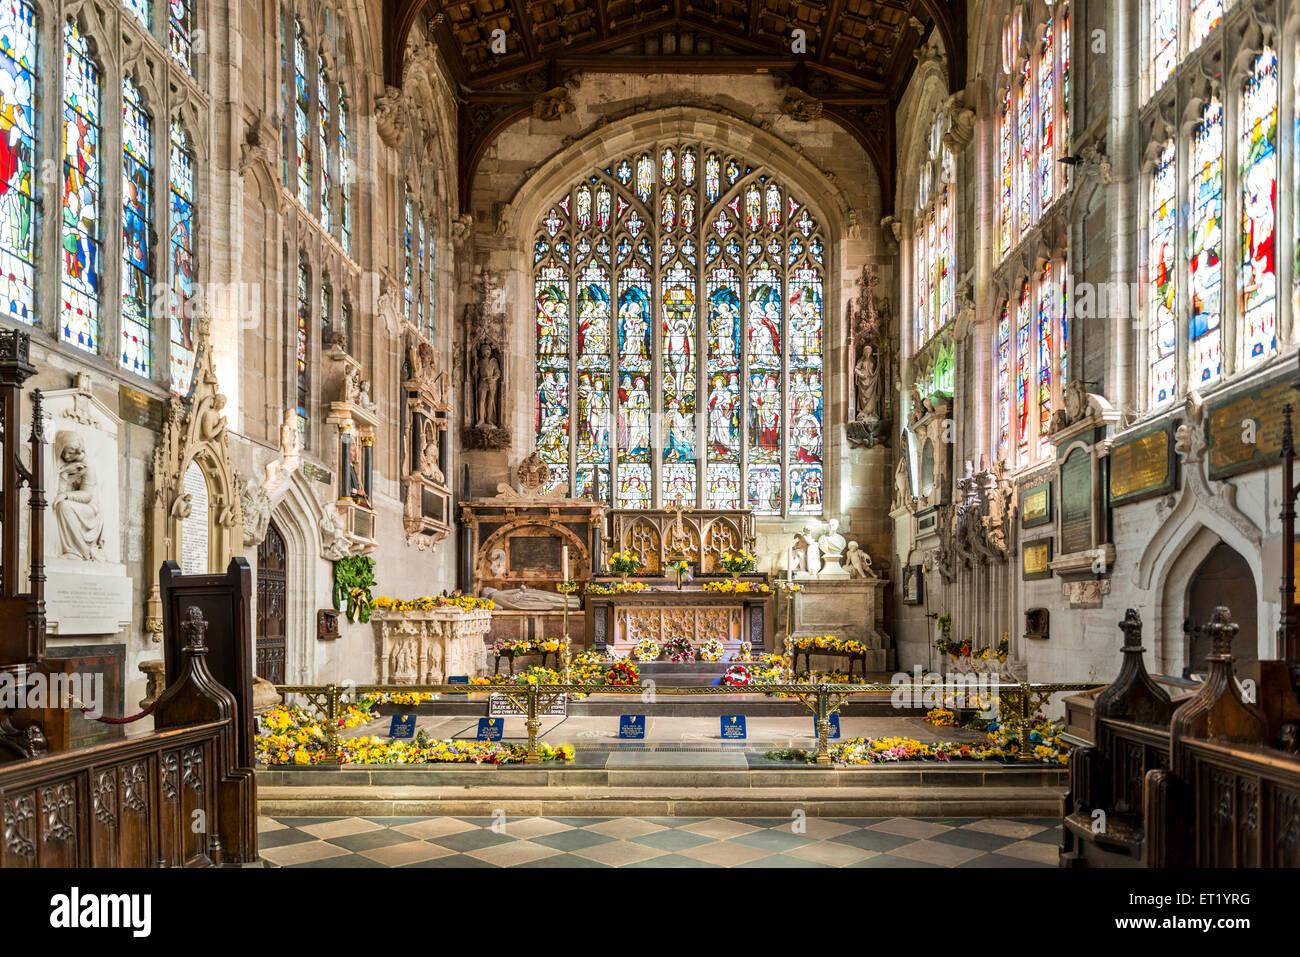 Le choeur de l'église Holy Trinity à Stratford-upon-Avon est le lieu de sépulture de William Shakespeare Banque D'Images